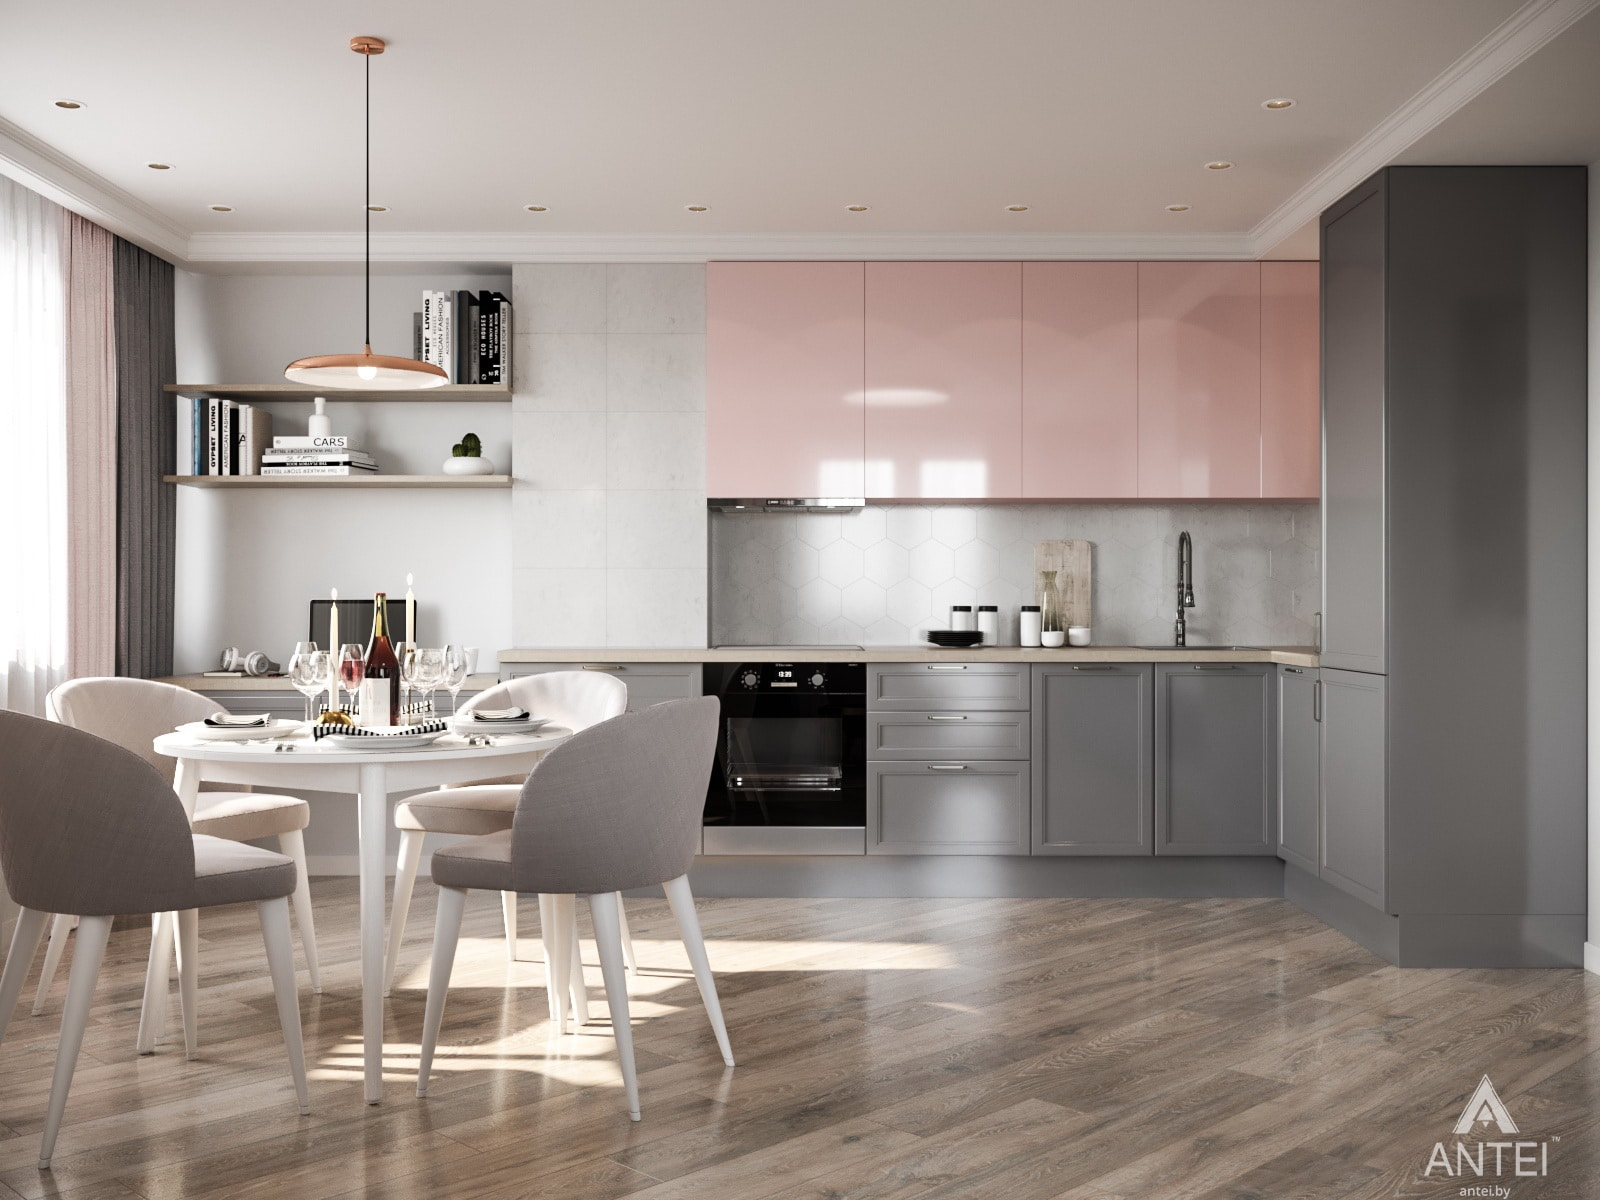 Дизайн интерьера трехкомнатной квартиры в Гомеле, ул. Бородина Т.С. - кухня фото №3